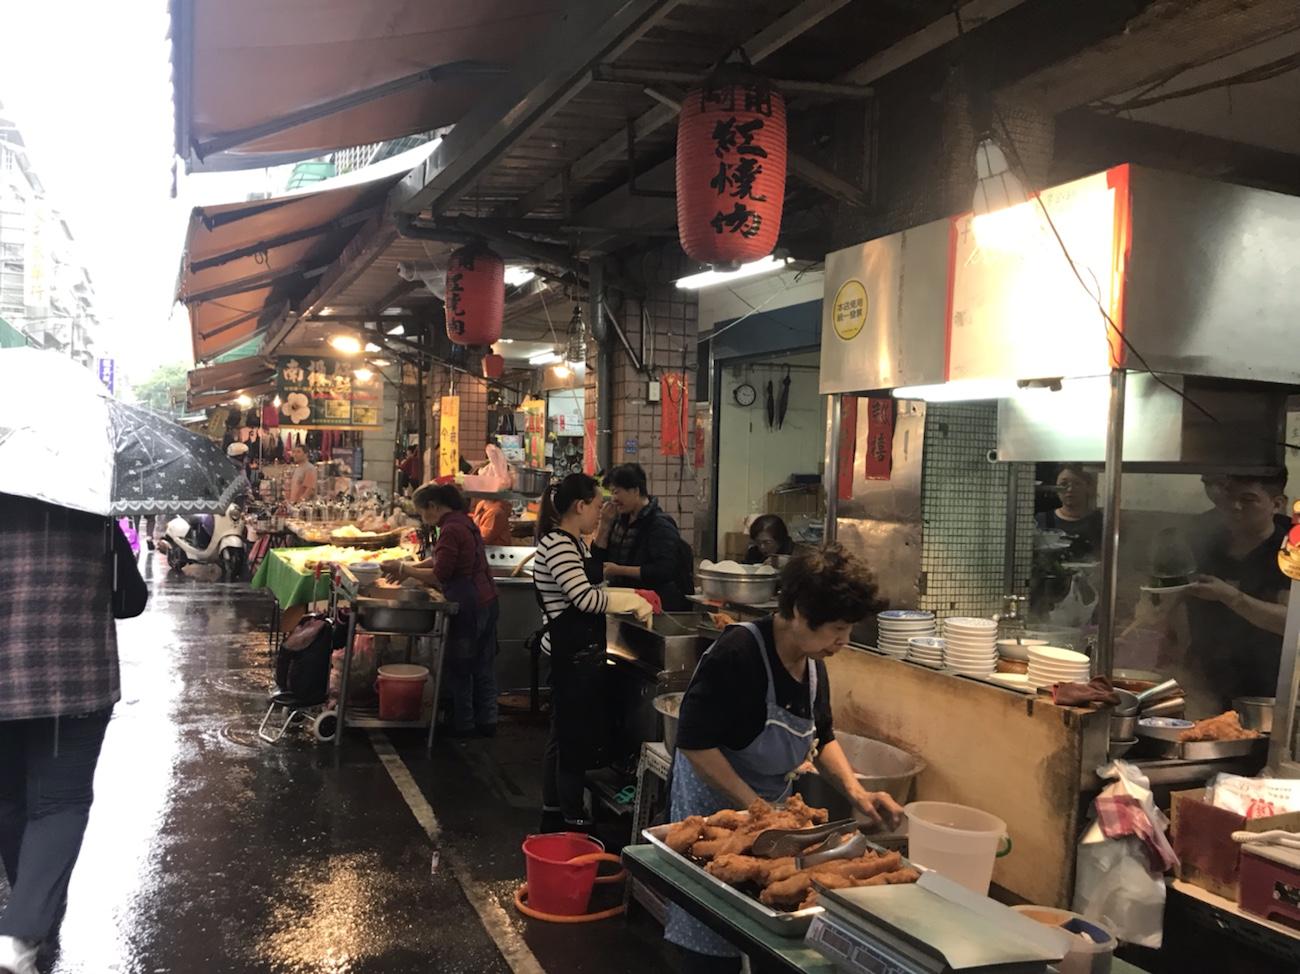 台湾食べ歩き朝食 阿角紅焼肉 赤いちょうちん